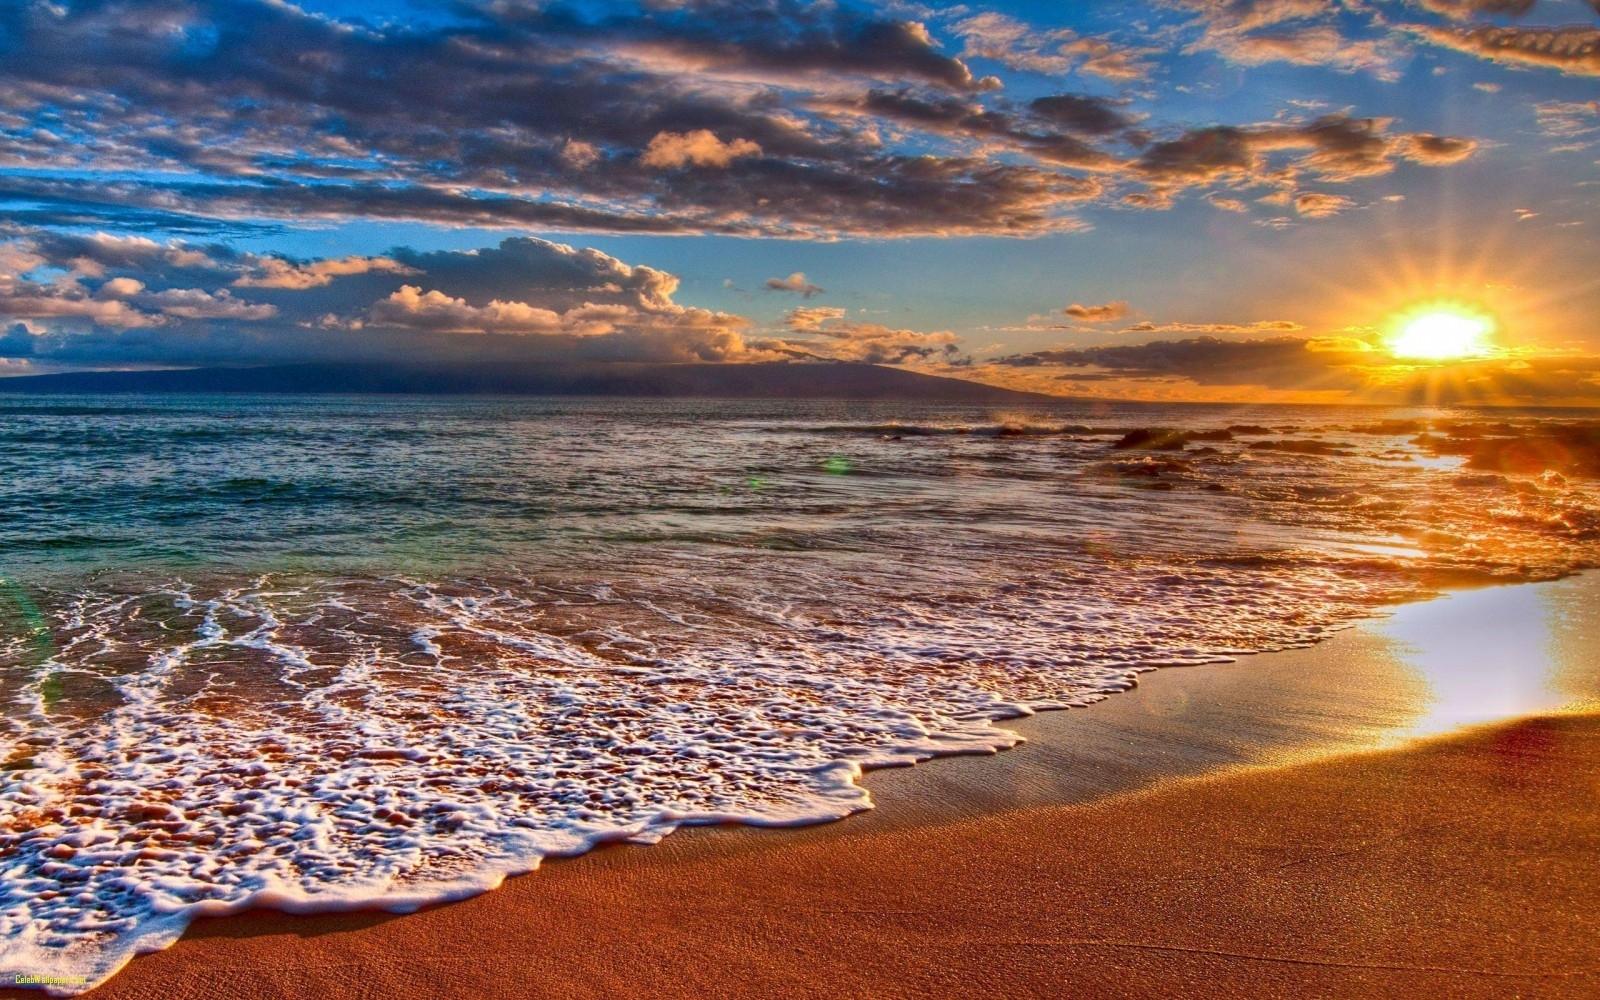 beach sunset wallpaper desktop backgrounds beach sunset wallpaper